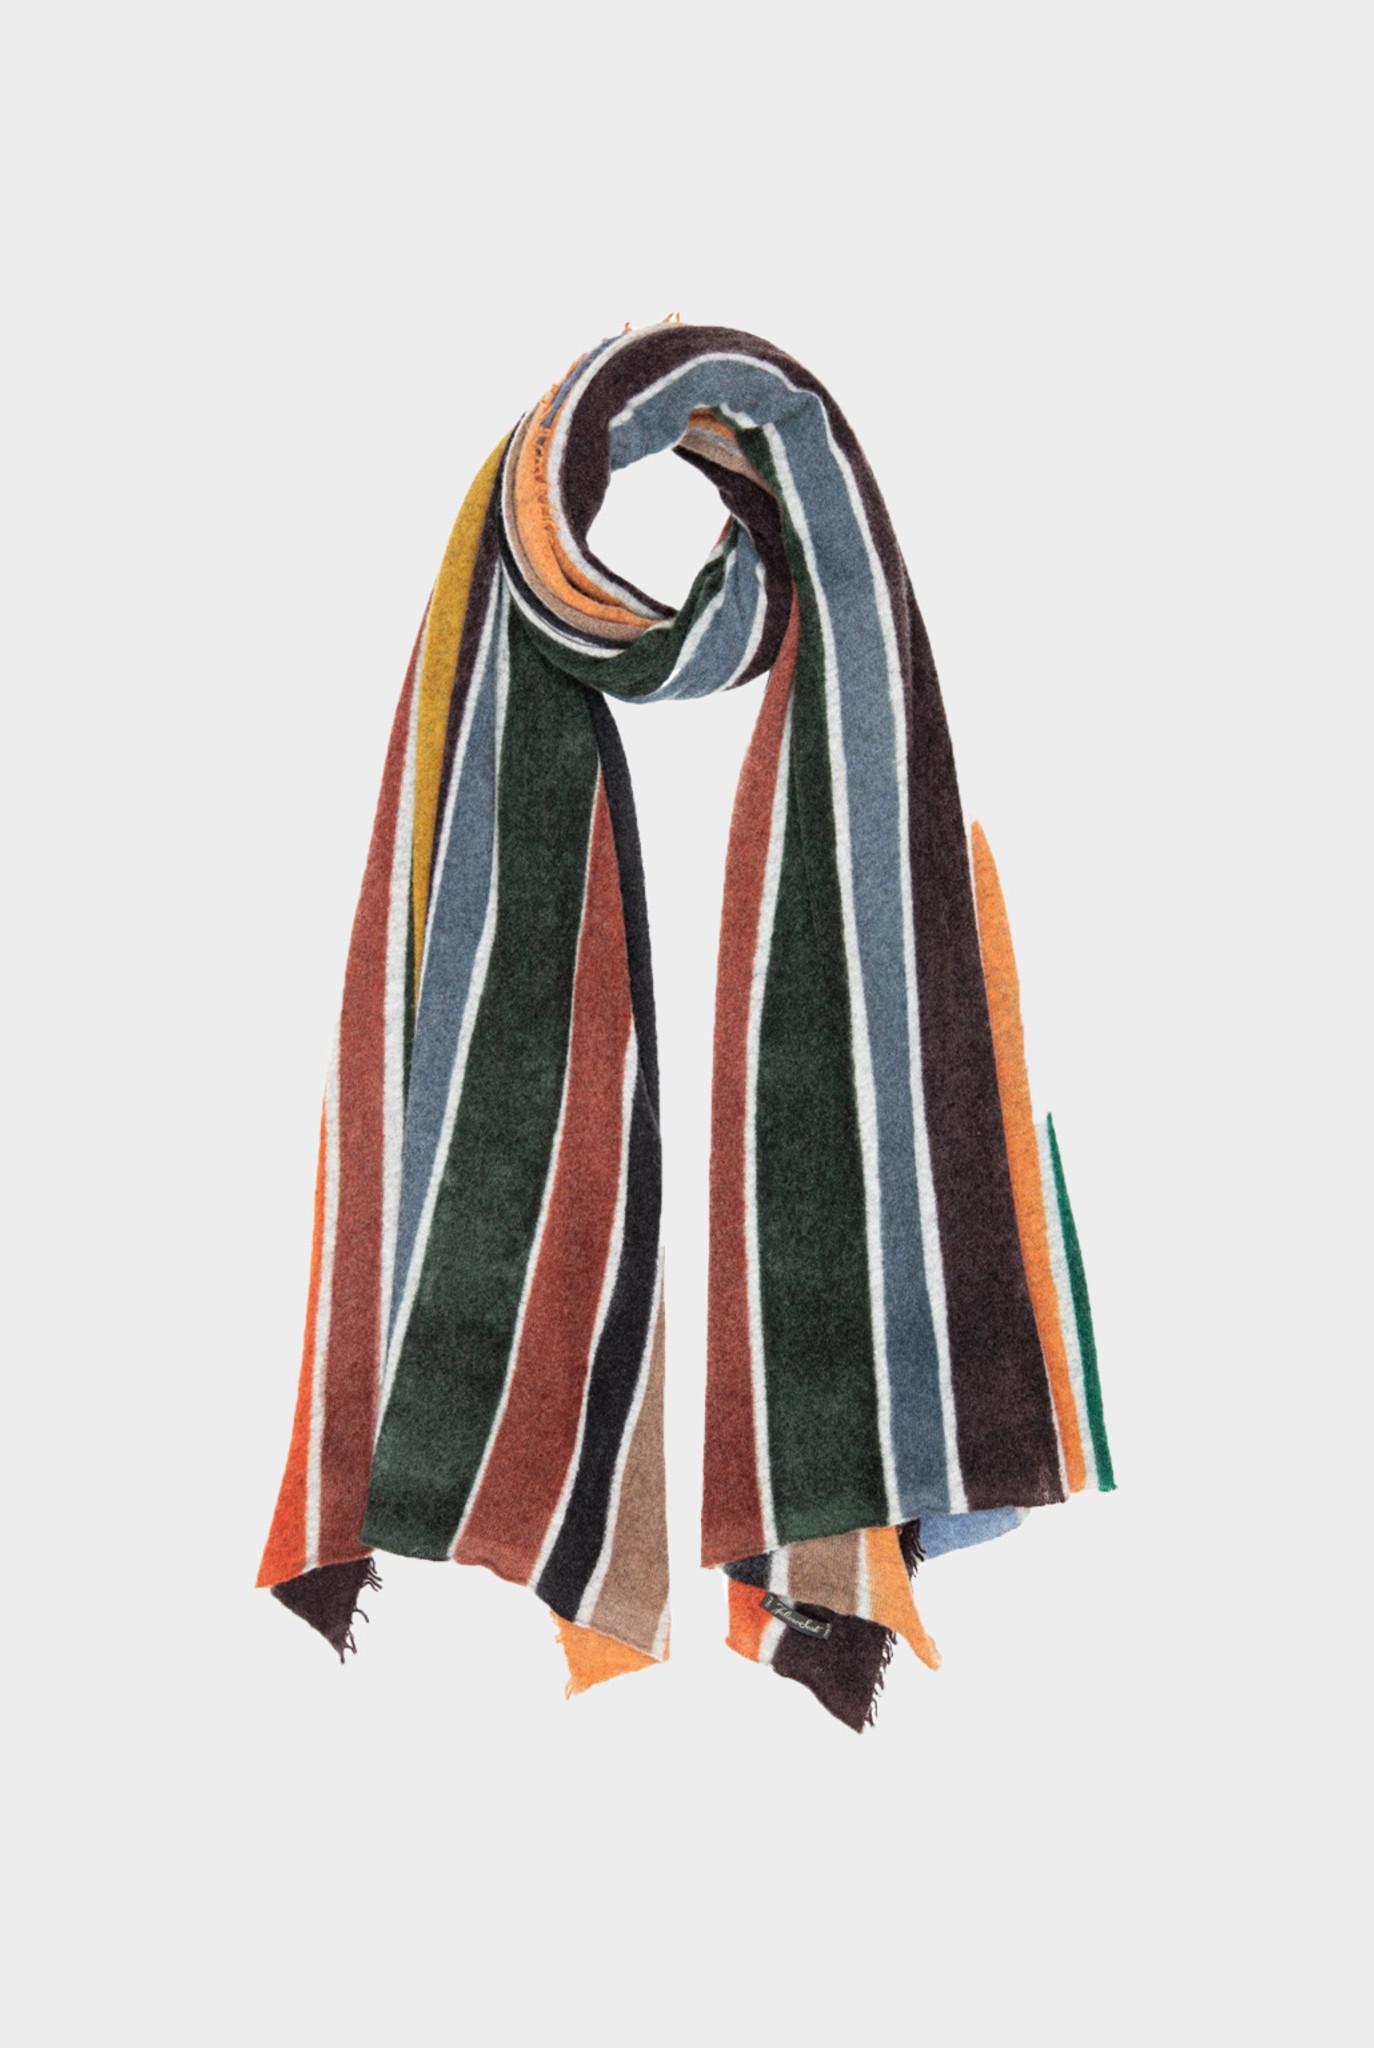 Fily Scarf Multi Color Stripes Orange Brown